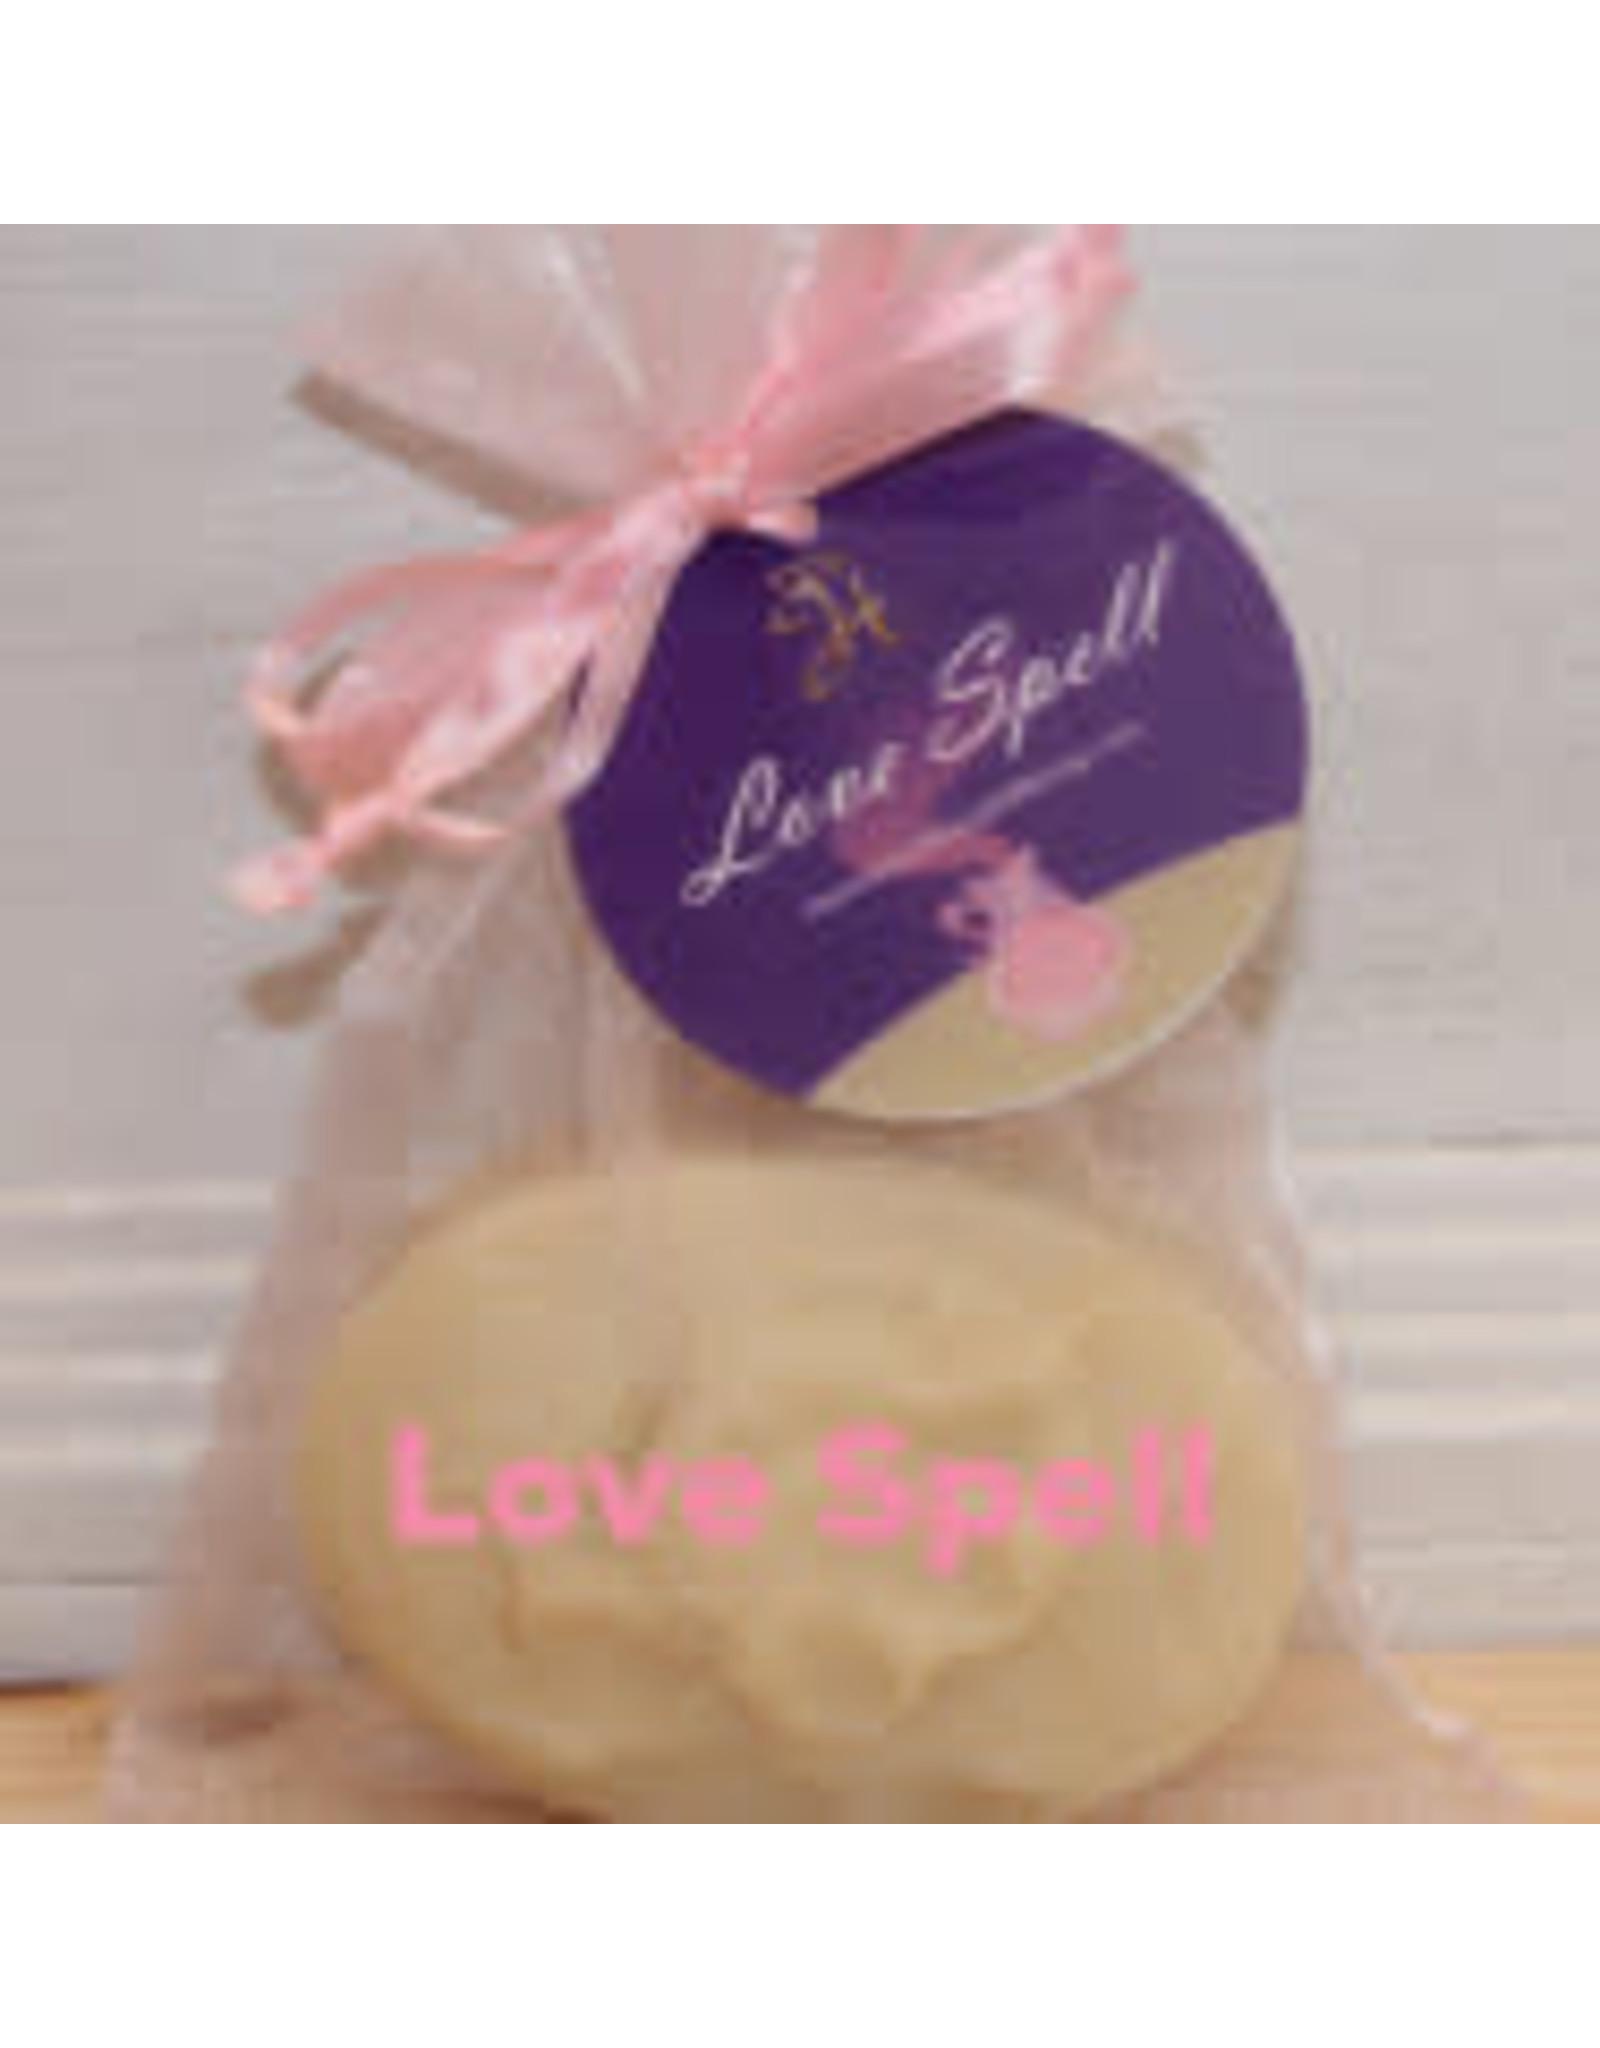 Fancy Goat Boutique Soap Love Spell